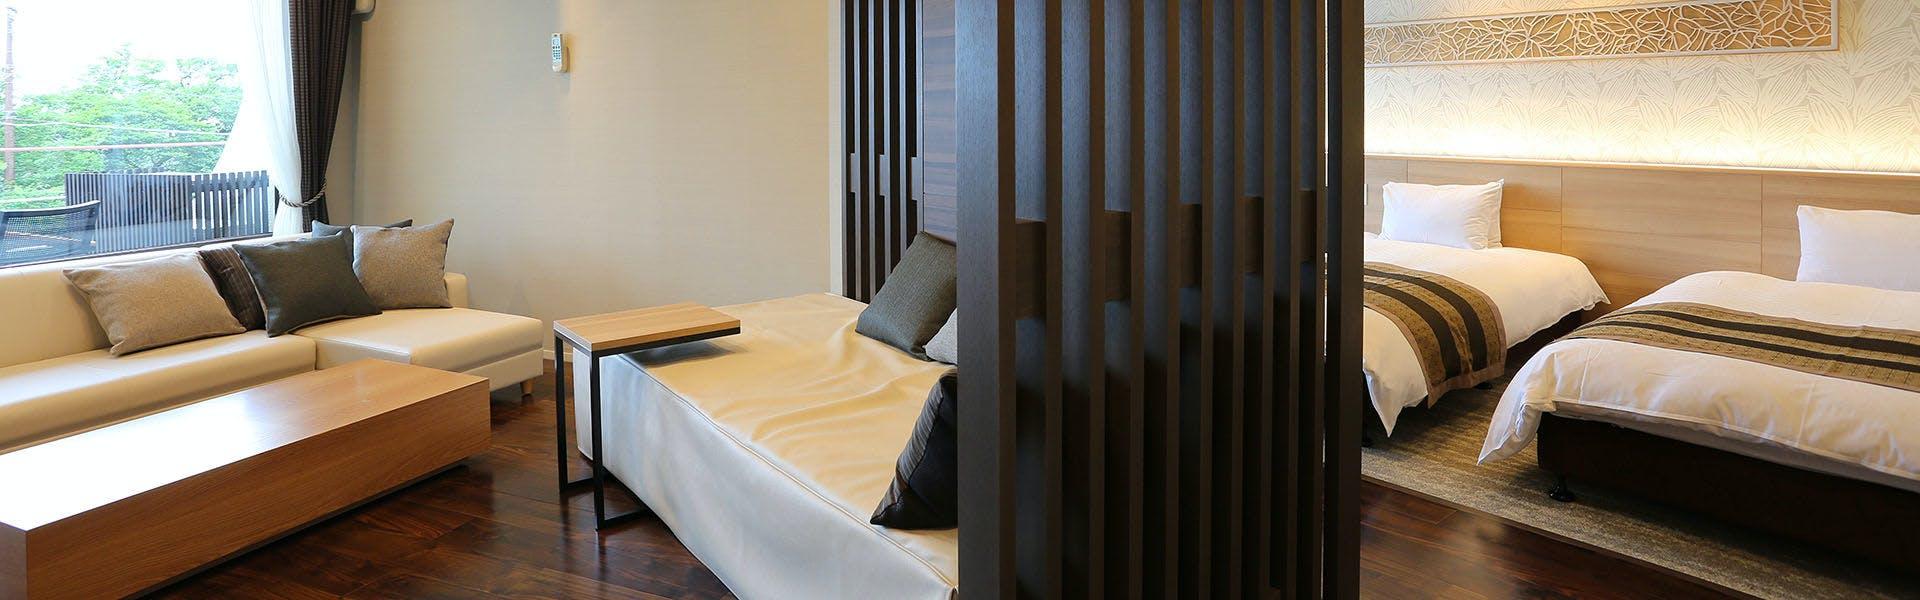 記念日におすすめのホテル・【ホテルアンビエント伊豆高原】 の空室状況を確認するの写真1